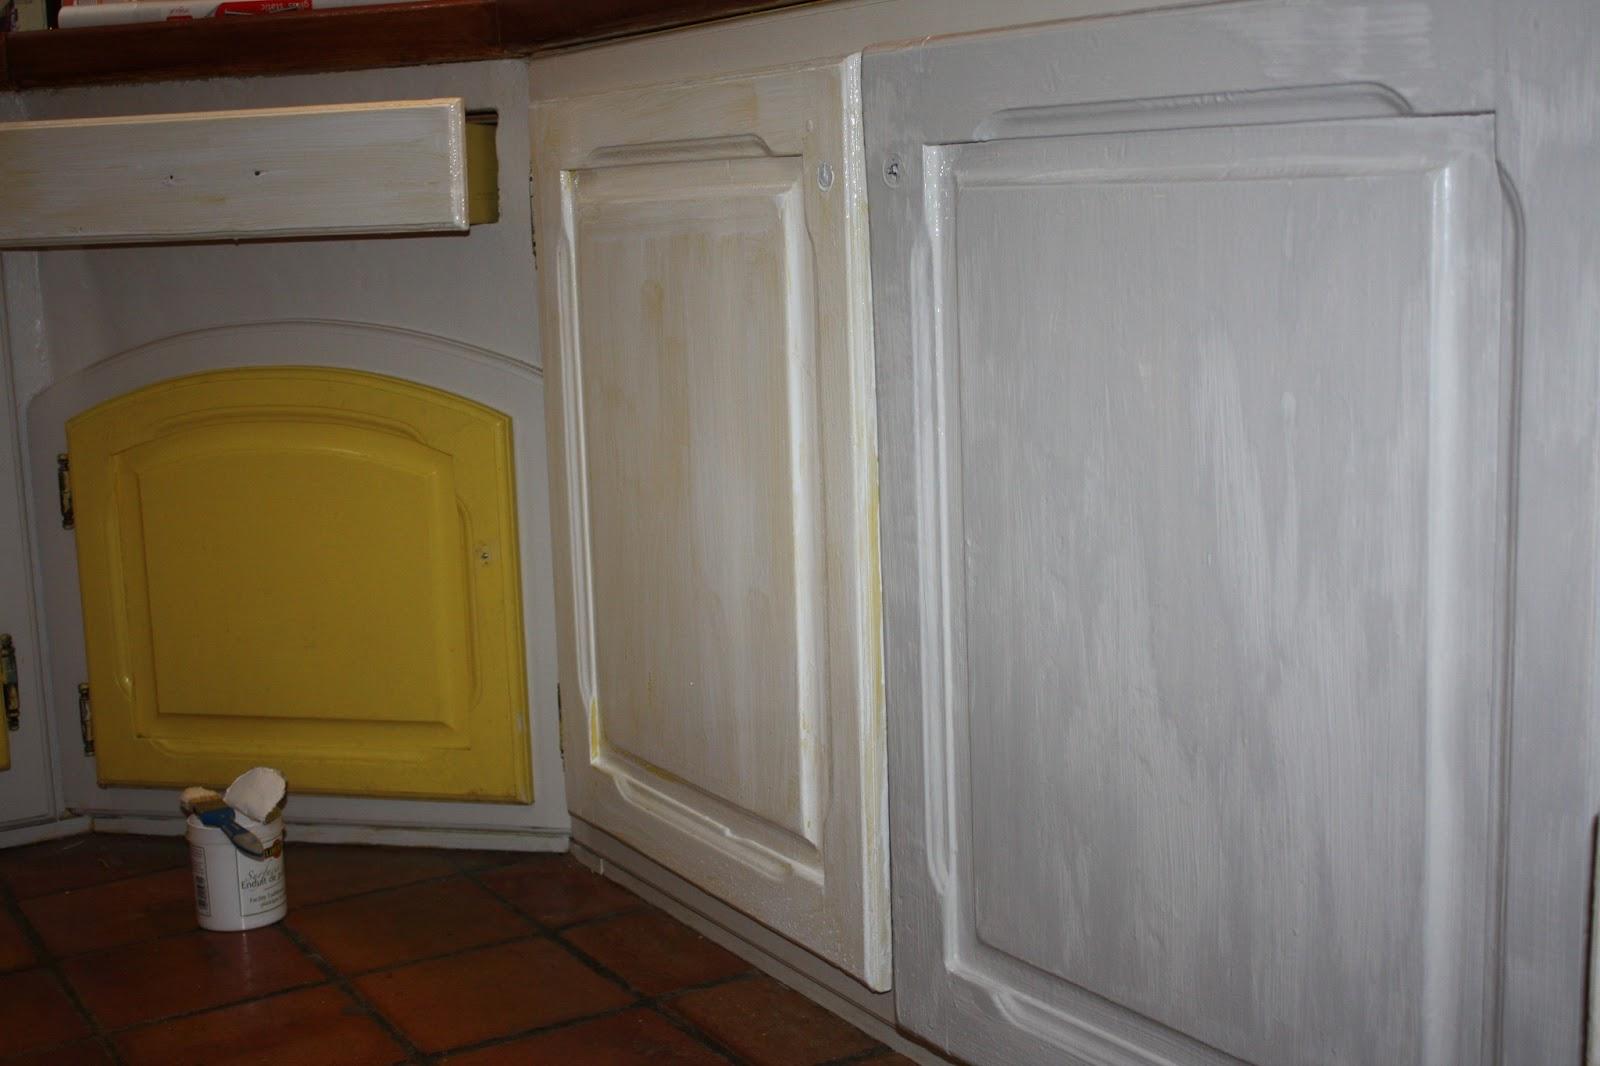 Changement de d cors la cuisine peinture mur et patine for Peinture liberon patine